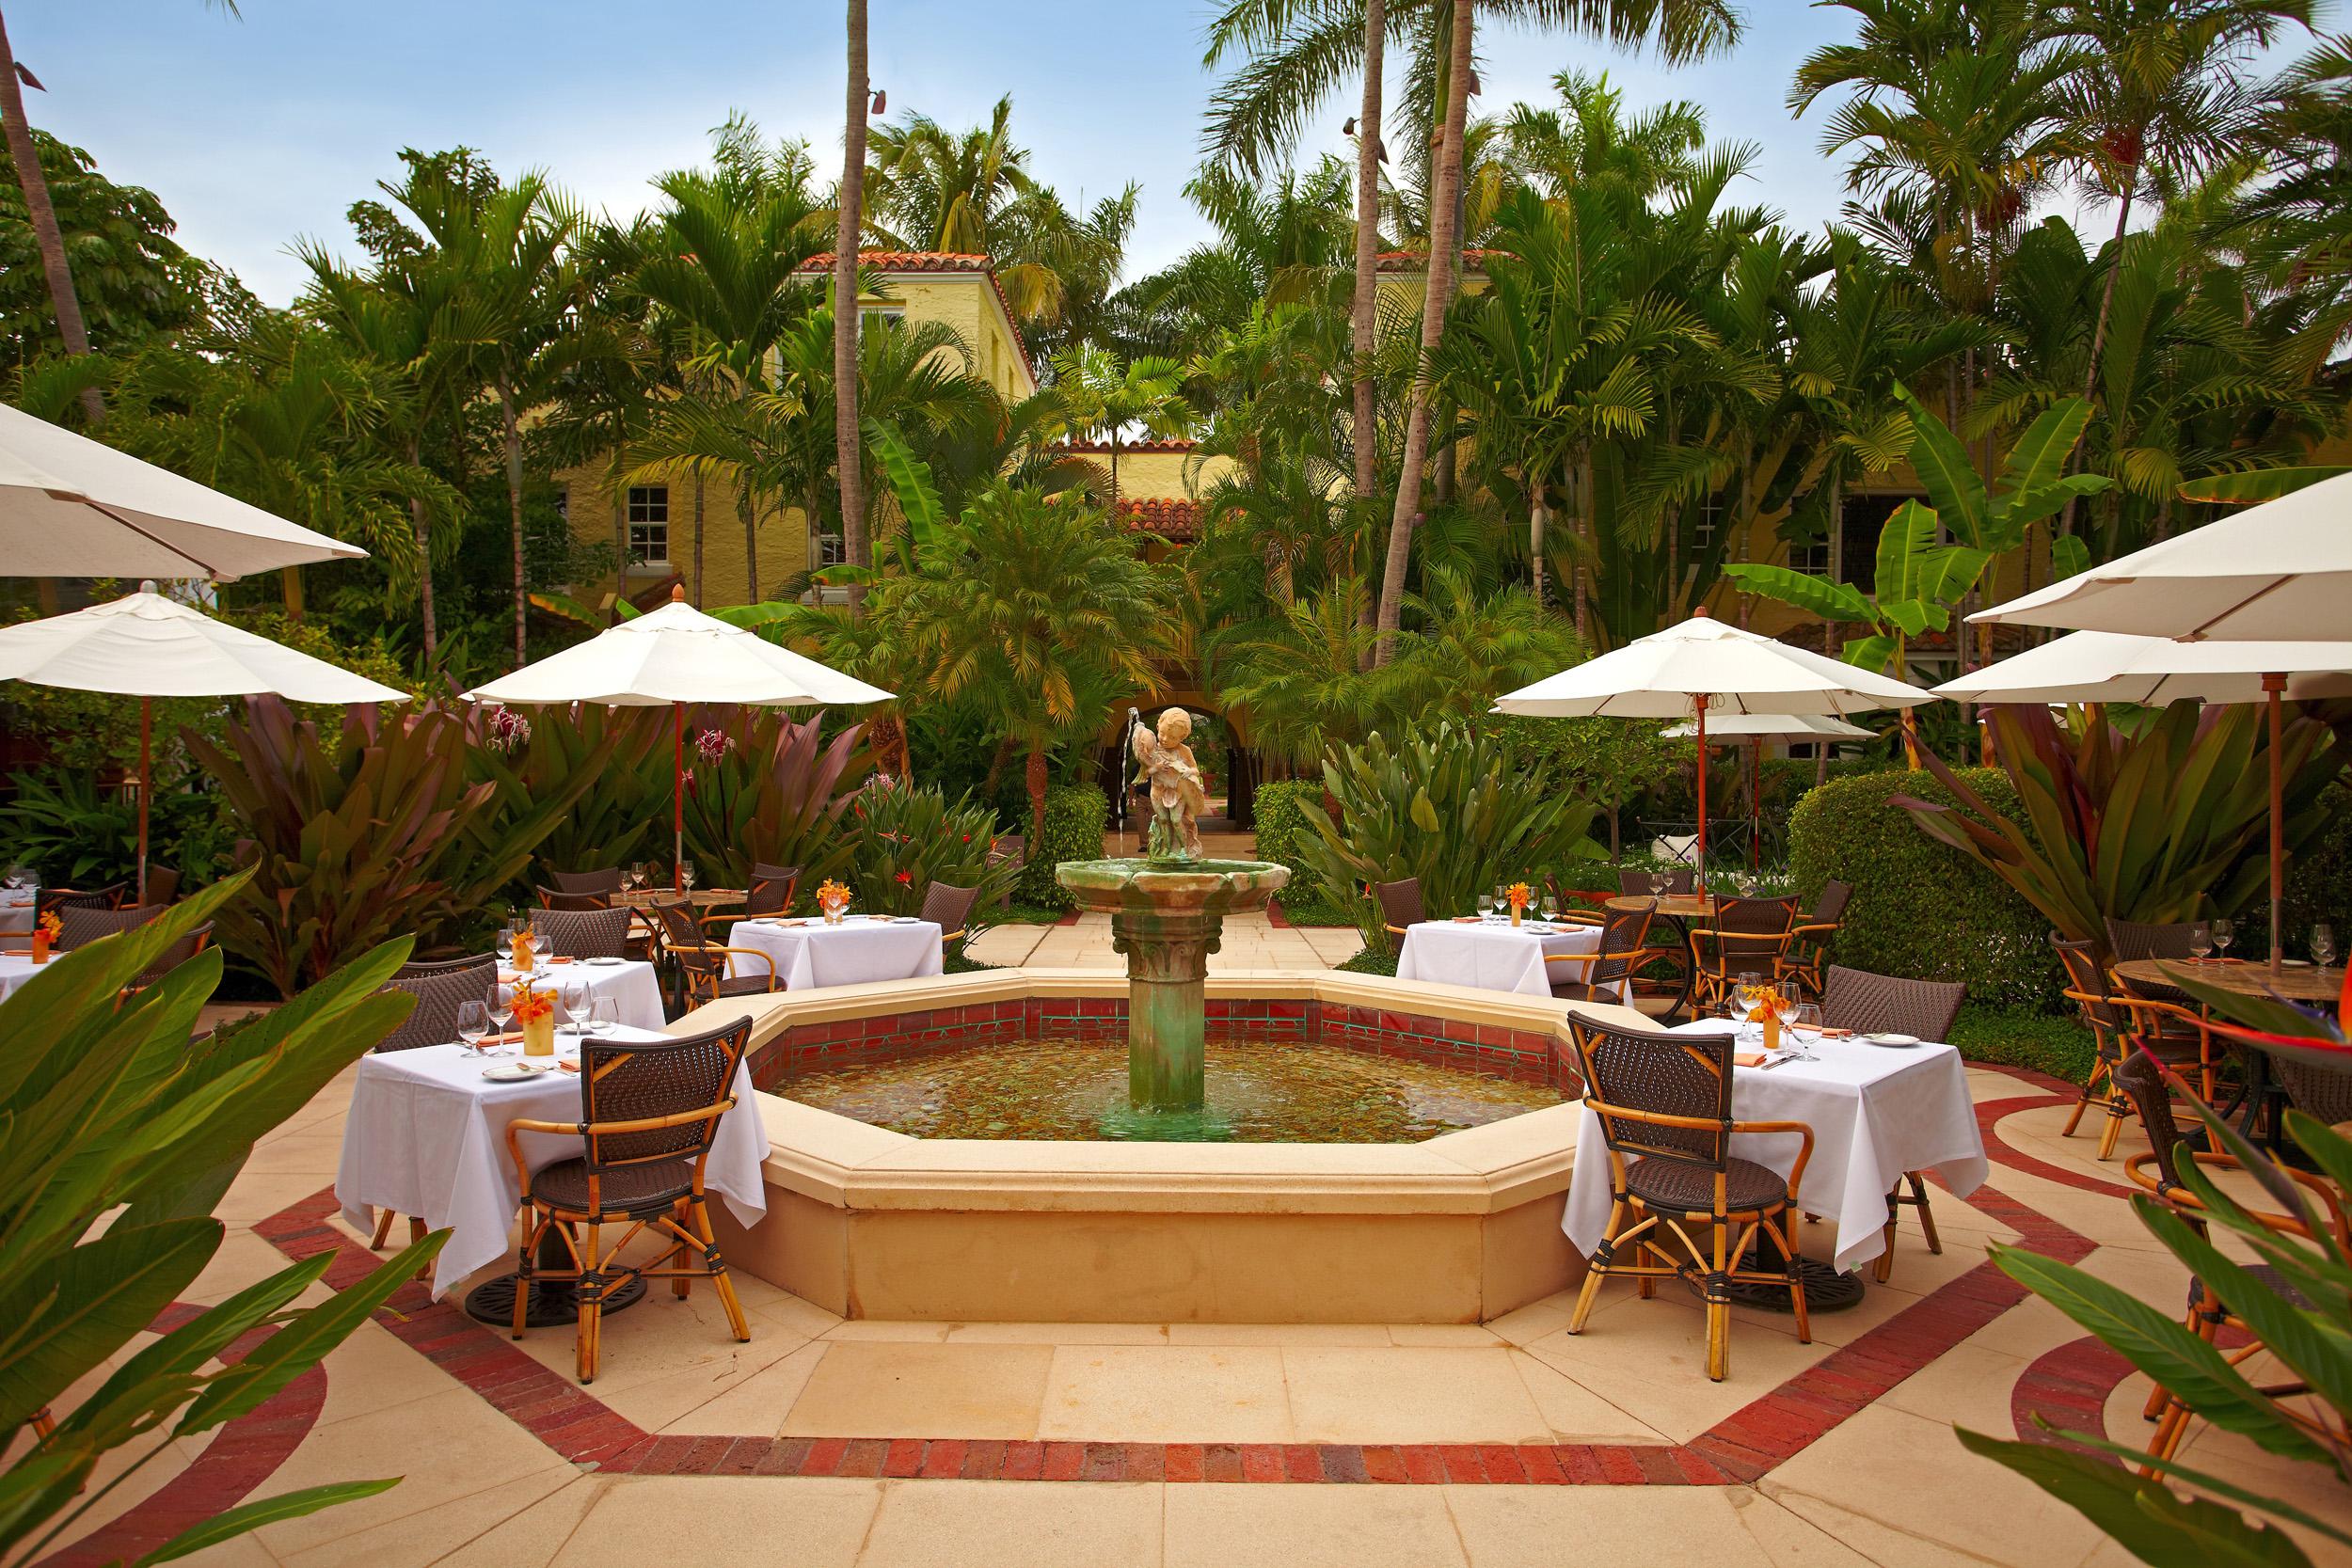 Guia-FFW-Florida-Palm-Beach-Brazilian Court-Courtyard wide